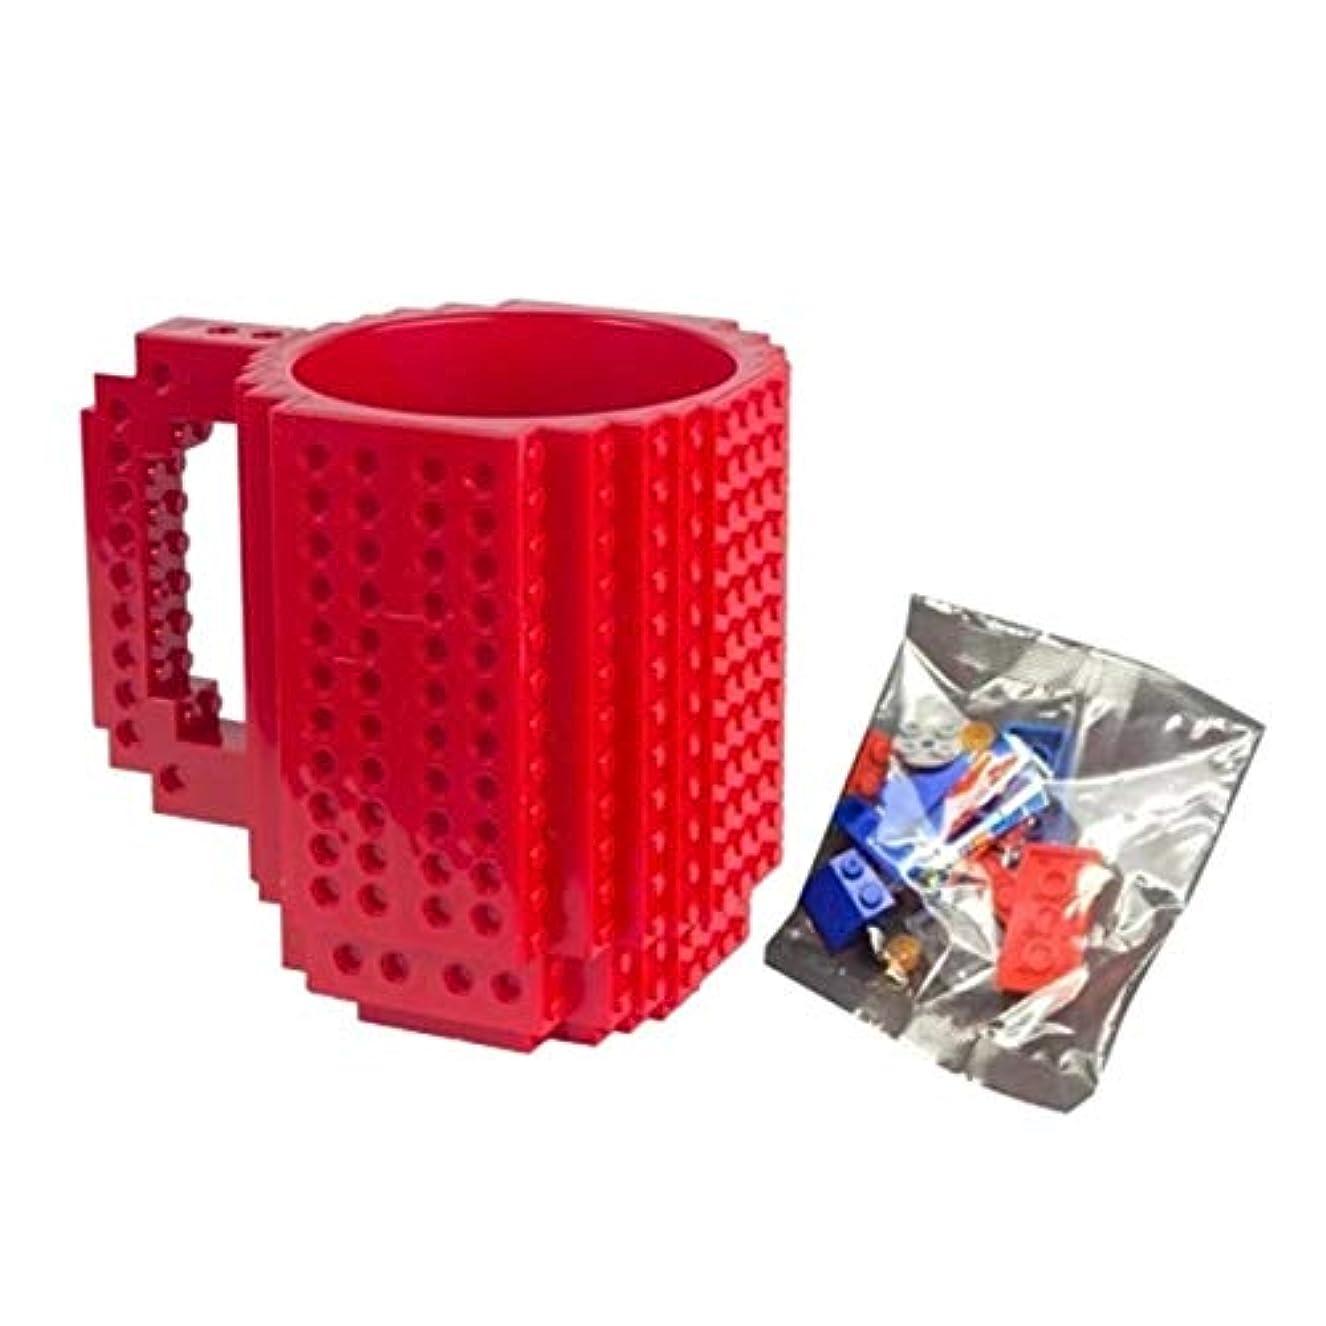 アナログ邪魔自分のためにSaikogoods レンガマグカップDIY?ビルディング?ブロックのコーヒーカップを構築 赤